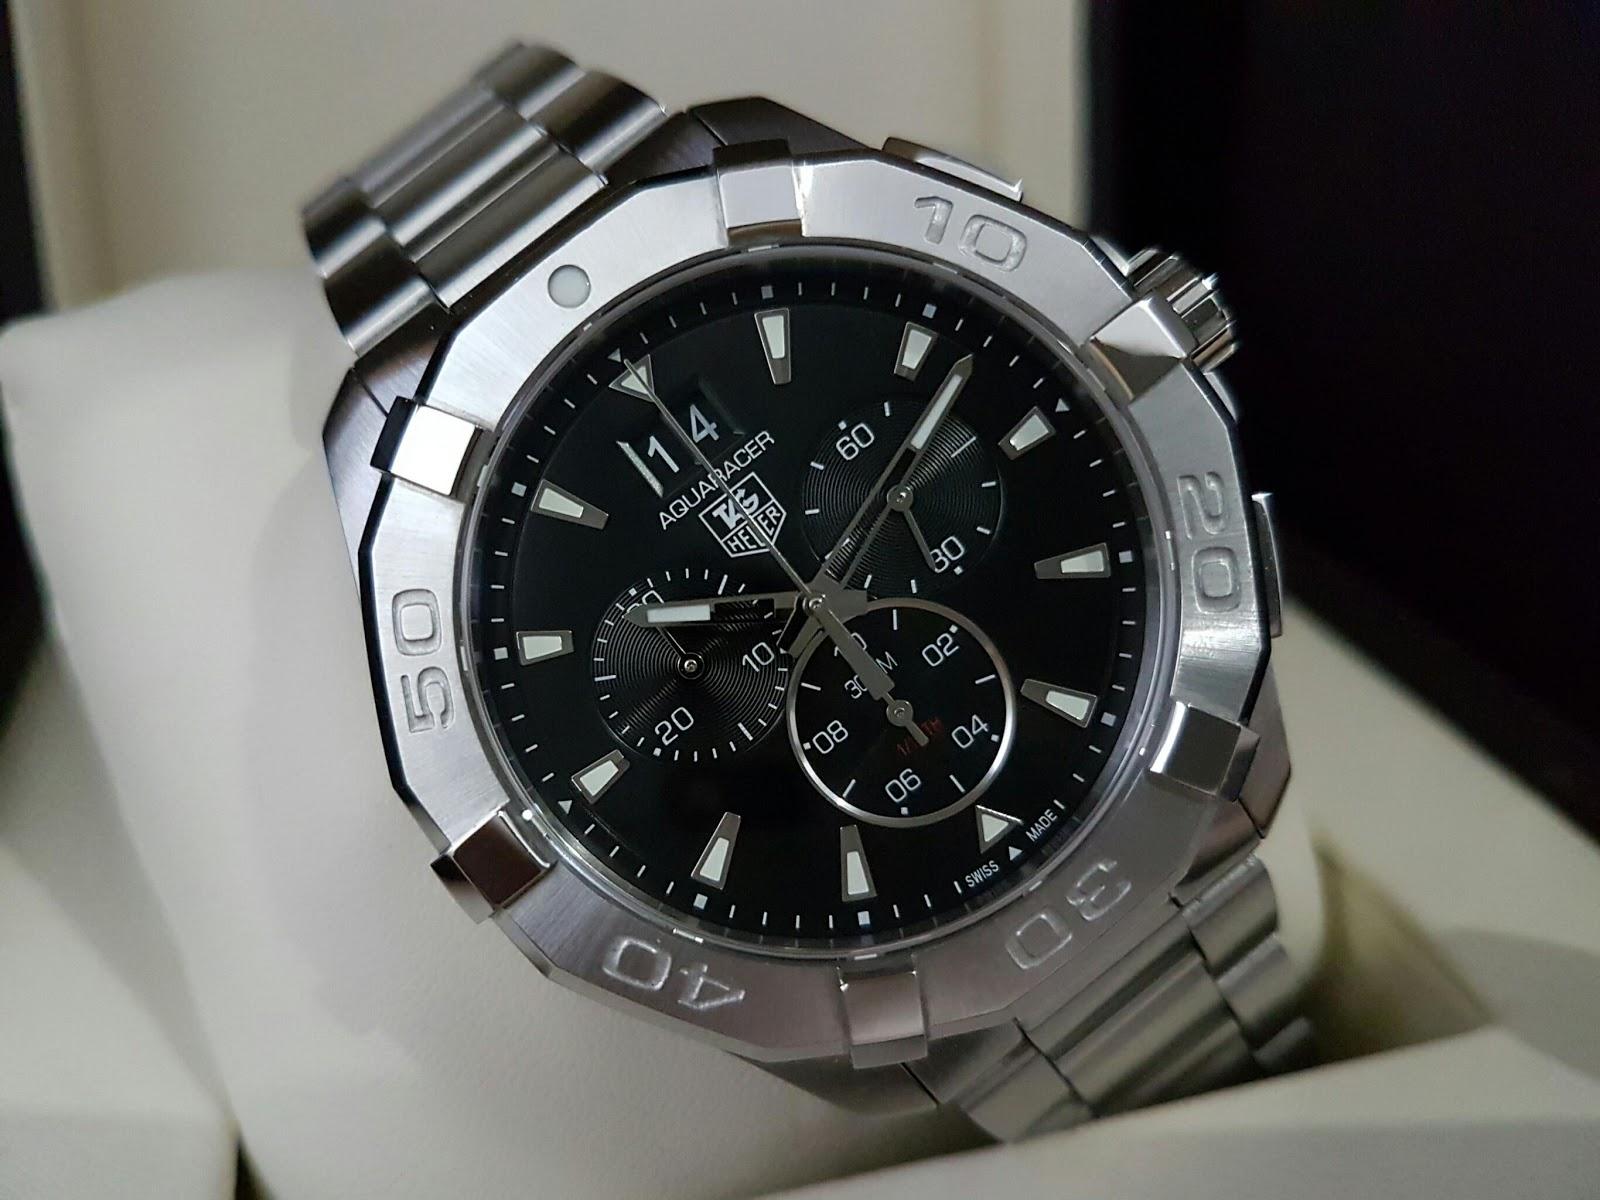 Jual Beli Jam Tangan Second Original Arloji Bekas Mewah Original Buy Sell Trade In Luxury Watch